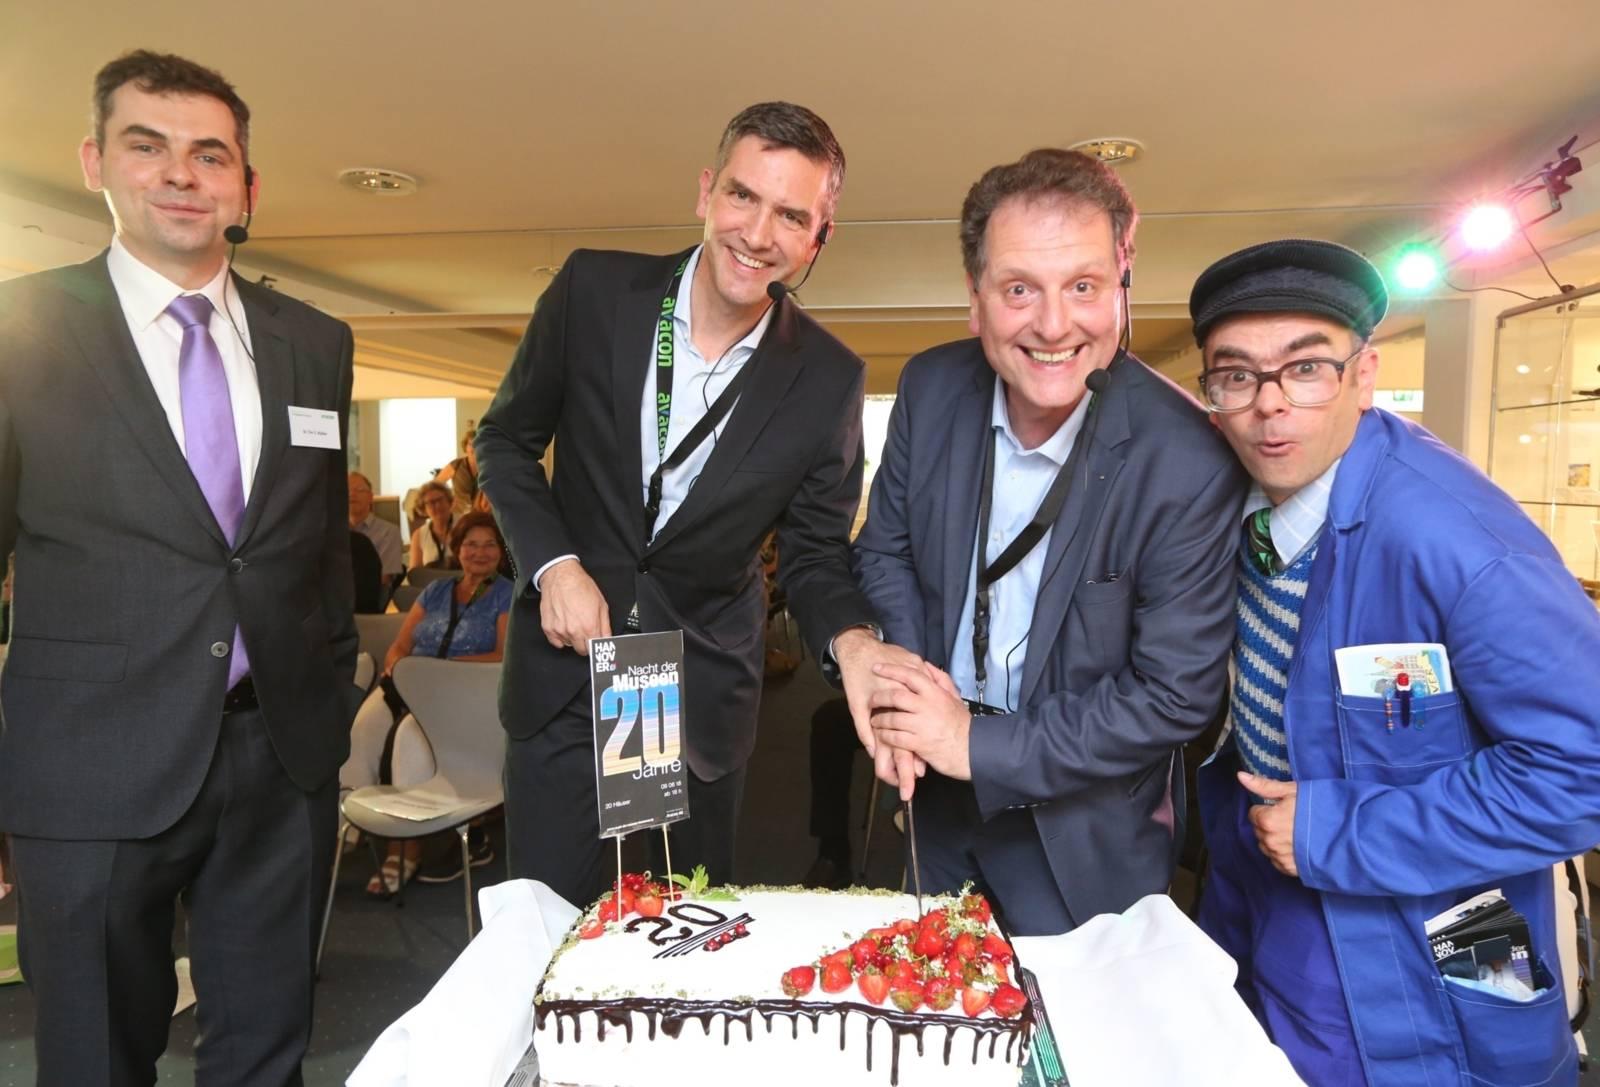 Vier Männer, die eine Torte anschneiden.